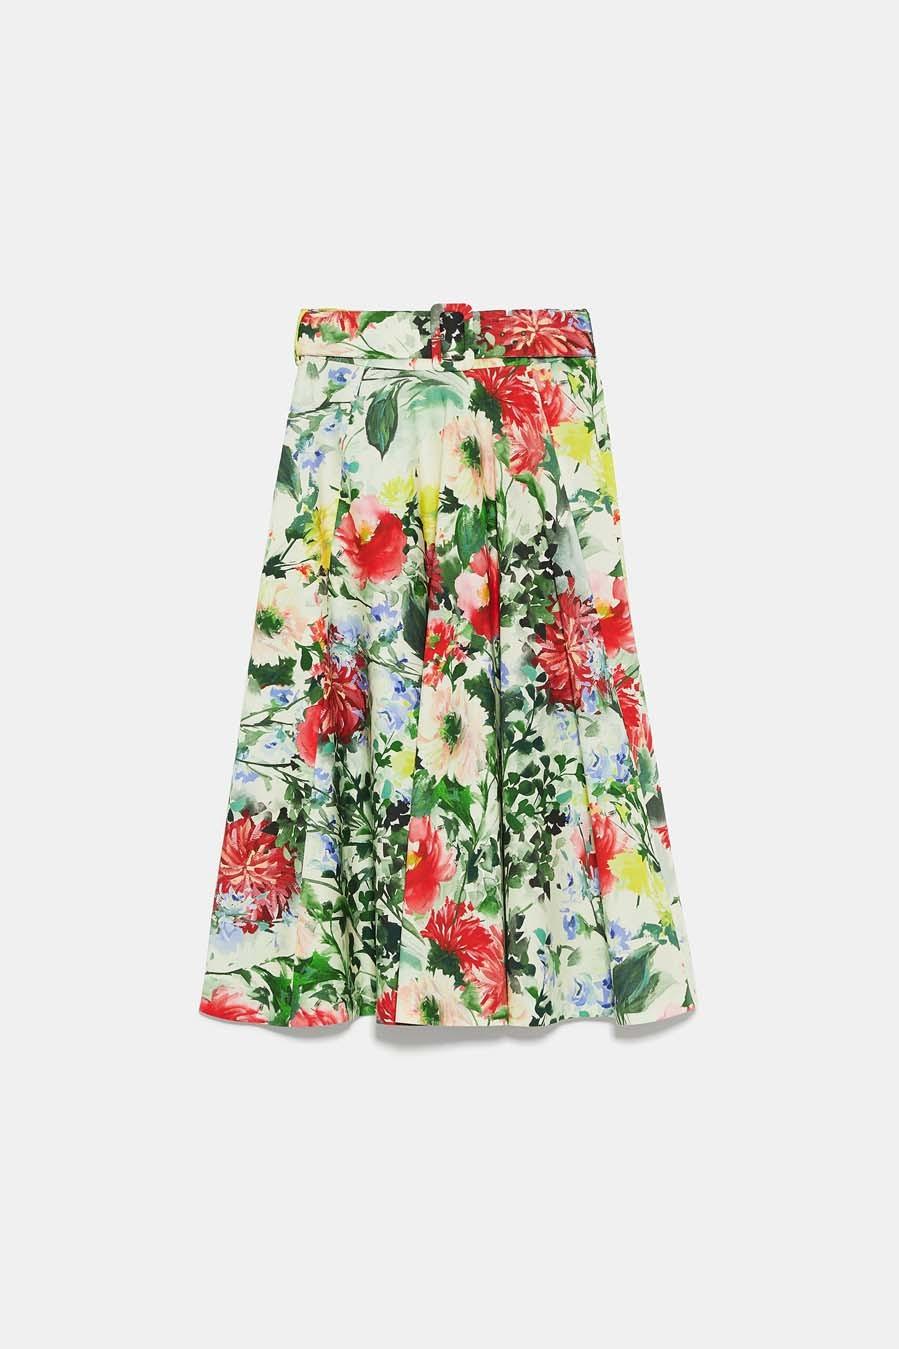 Falda midi de vuelo con estampado floral (39,95 euros).